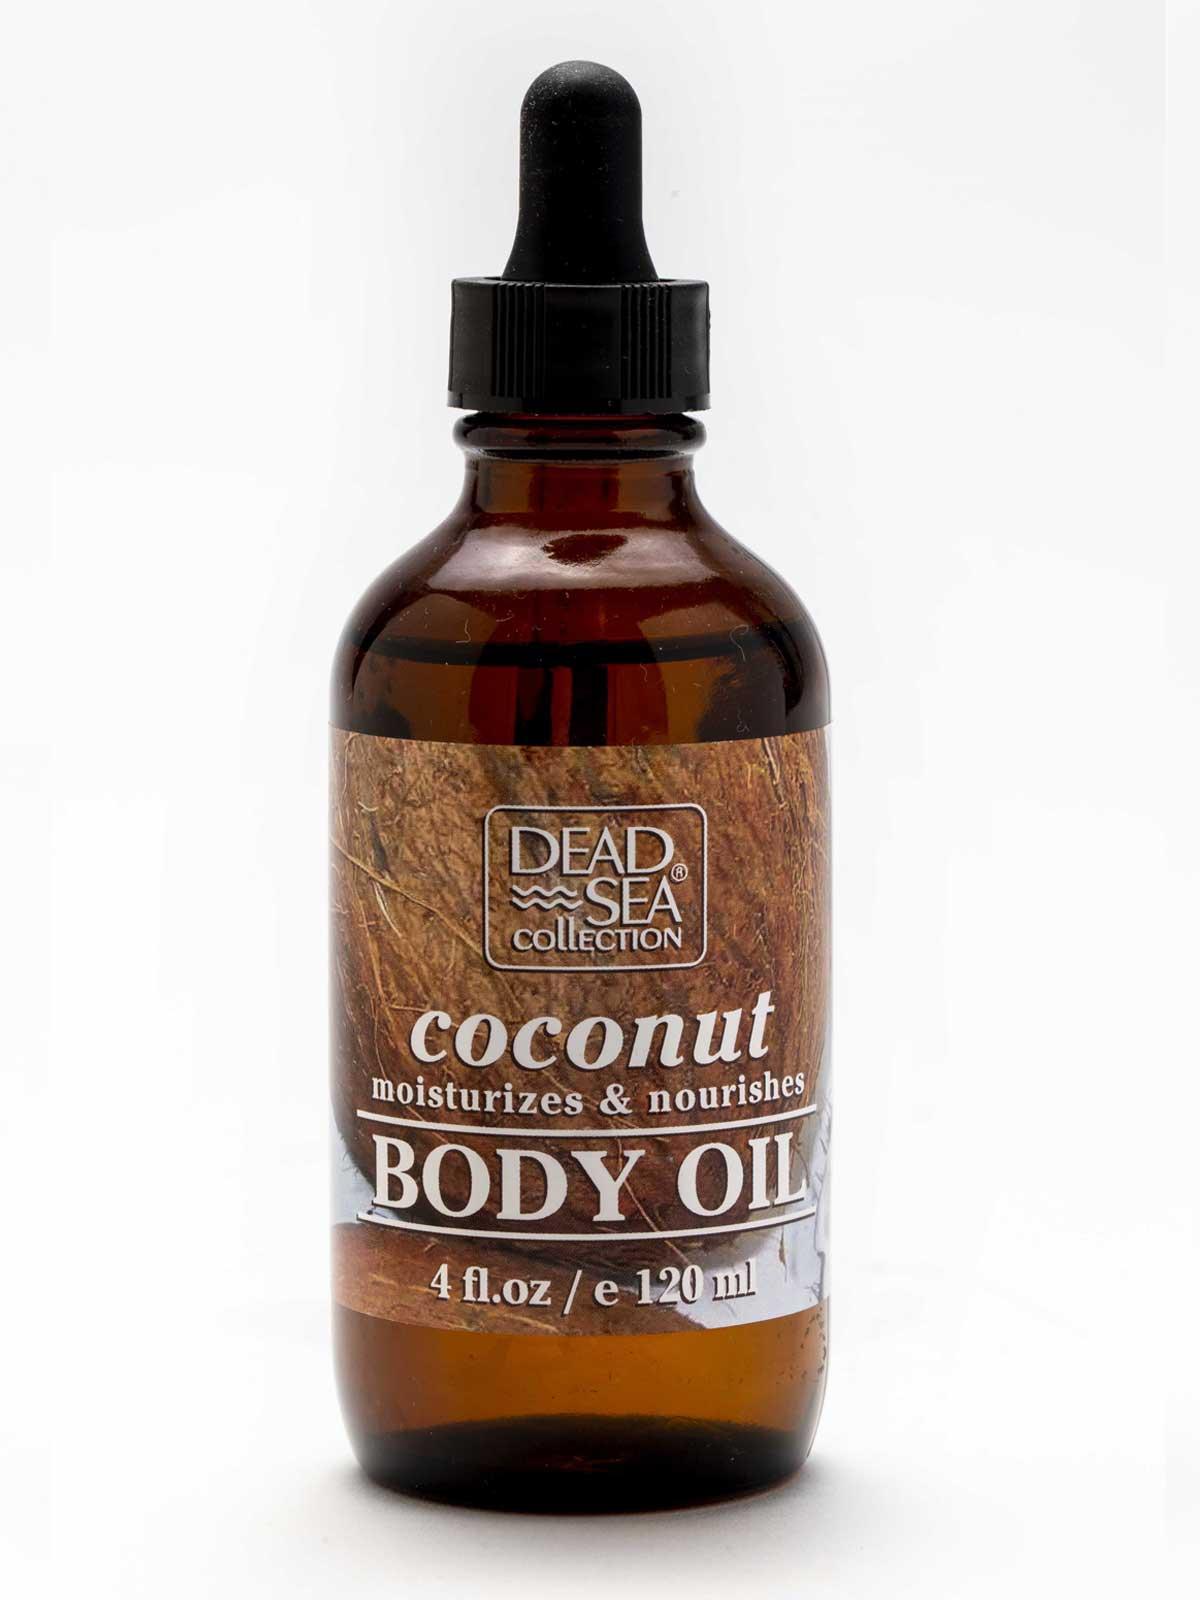 Coconut Body Oil Dead Sea Collection